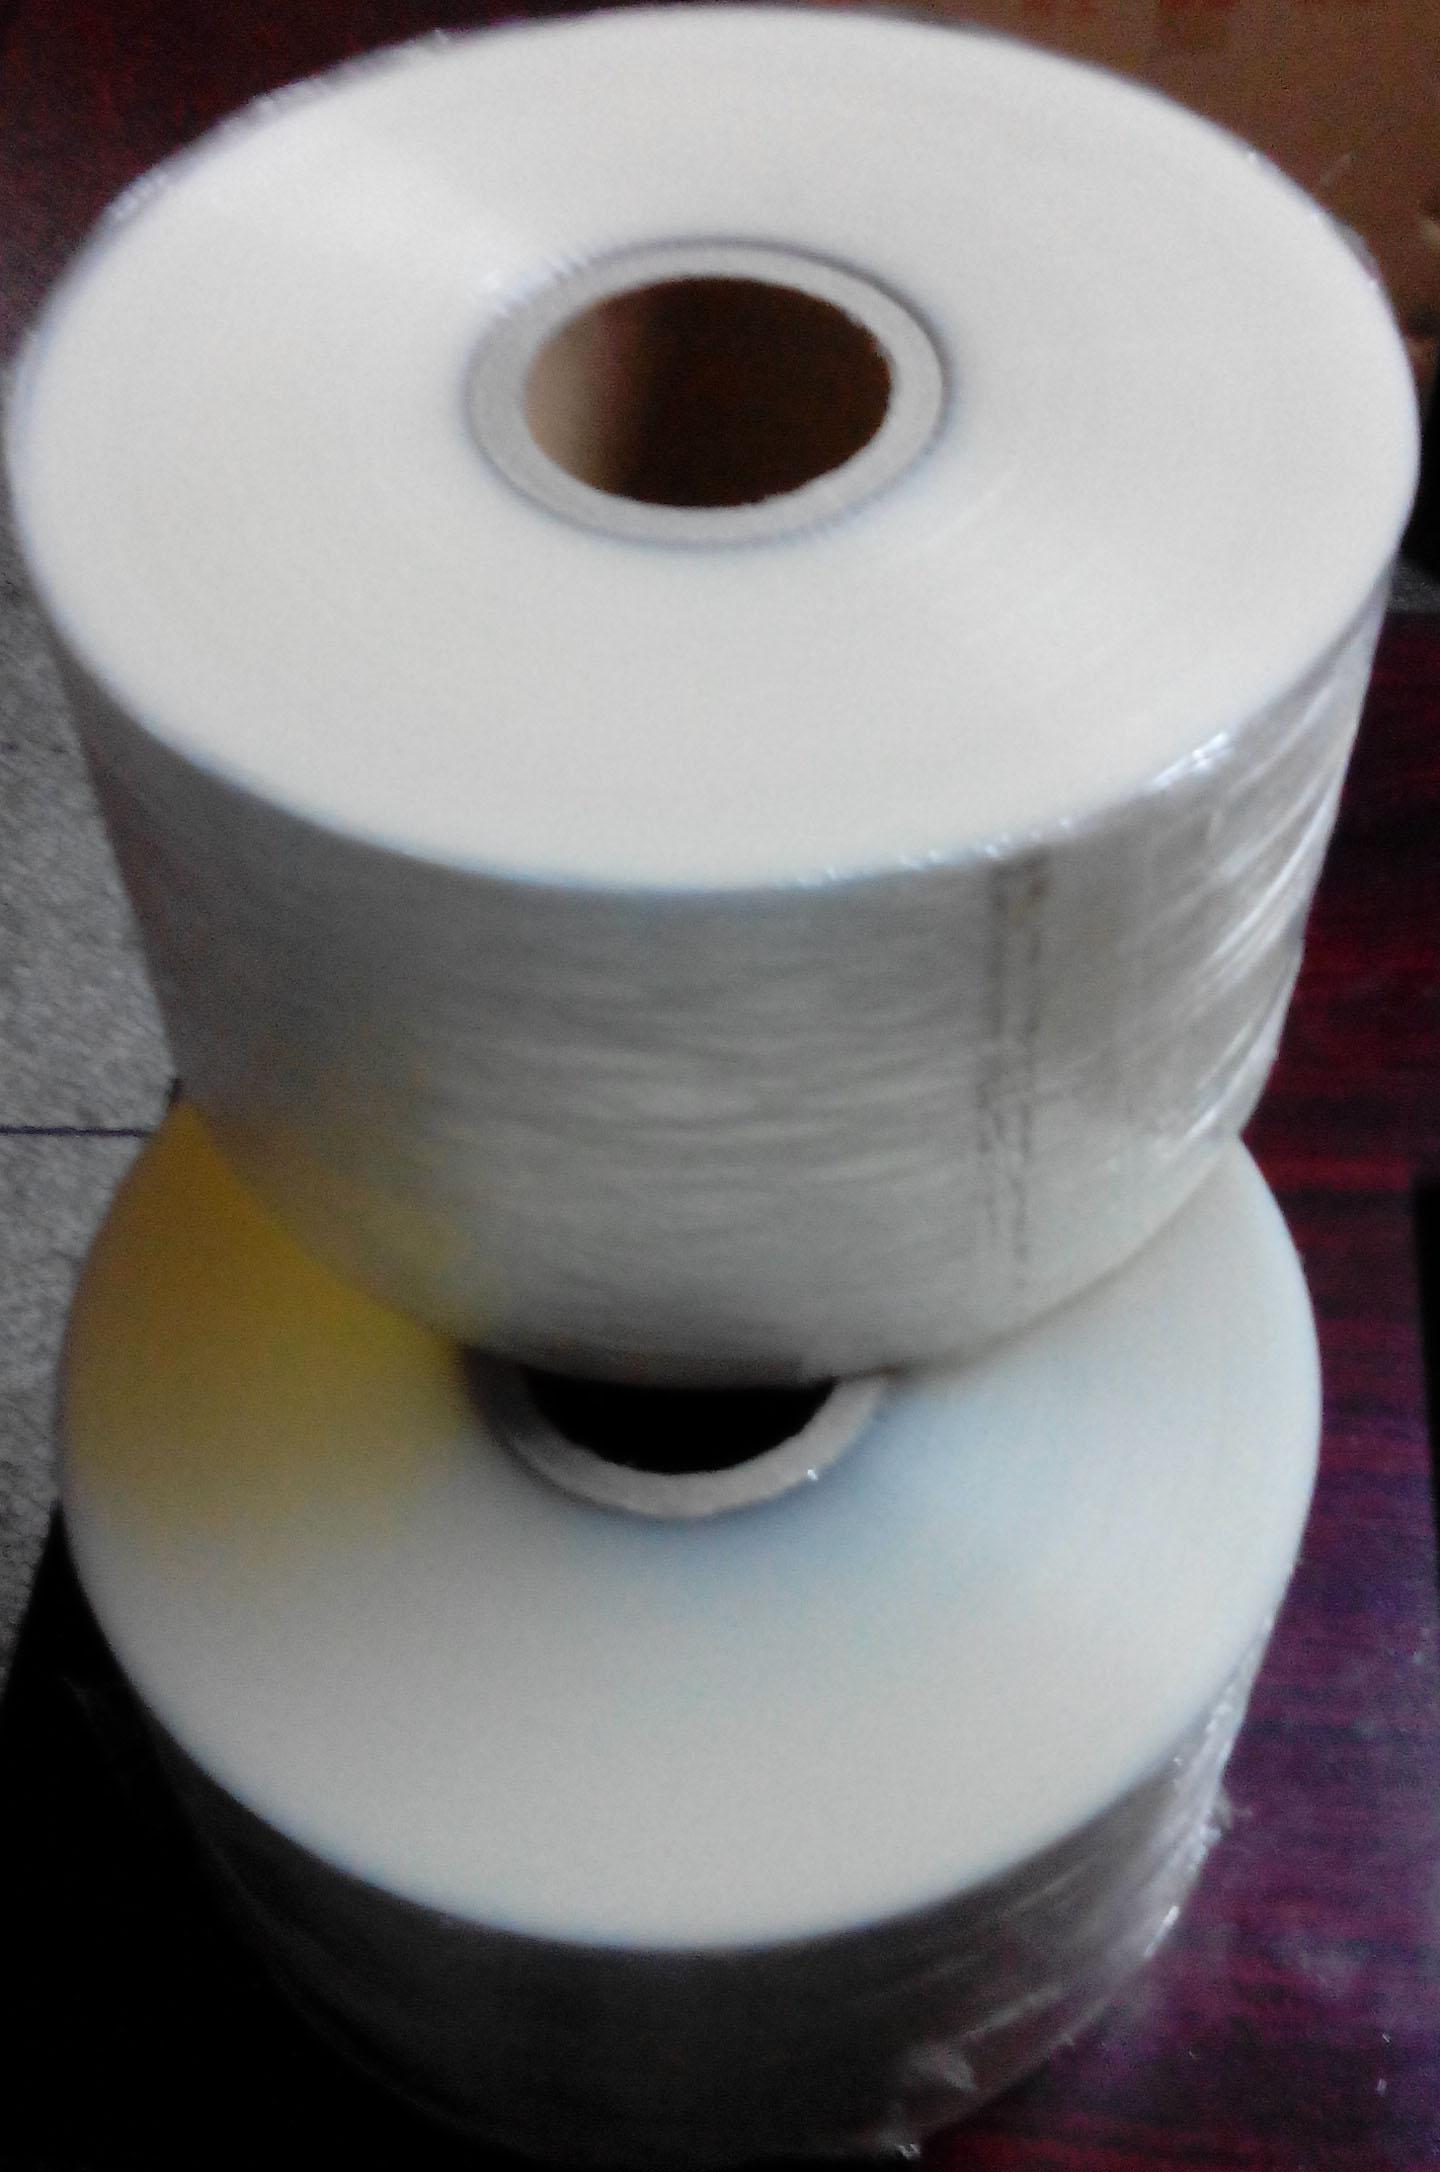 Три край печать в мембрана машина оснащена части автоматически в рамках пакета мембрана машина специально комплекс мембрана за килограмм 30 юань продаётся напрямую с завода